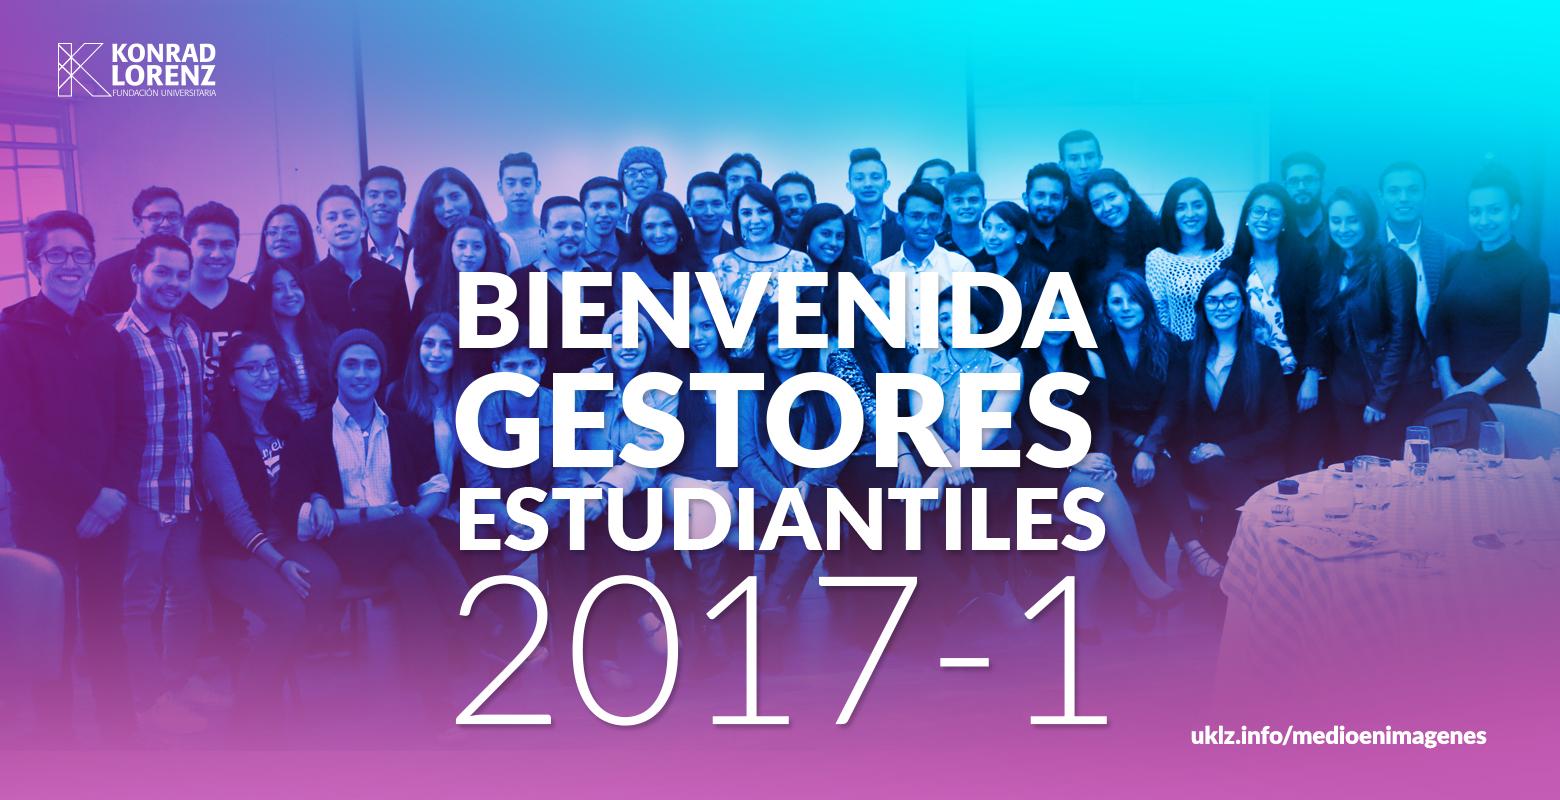 Bienvenida Gestores Estudiantiles 2017-1